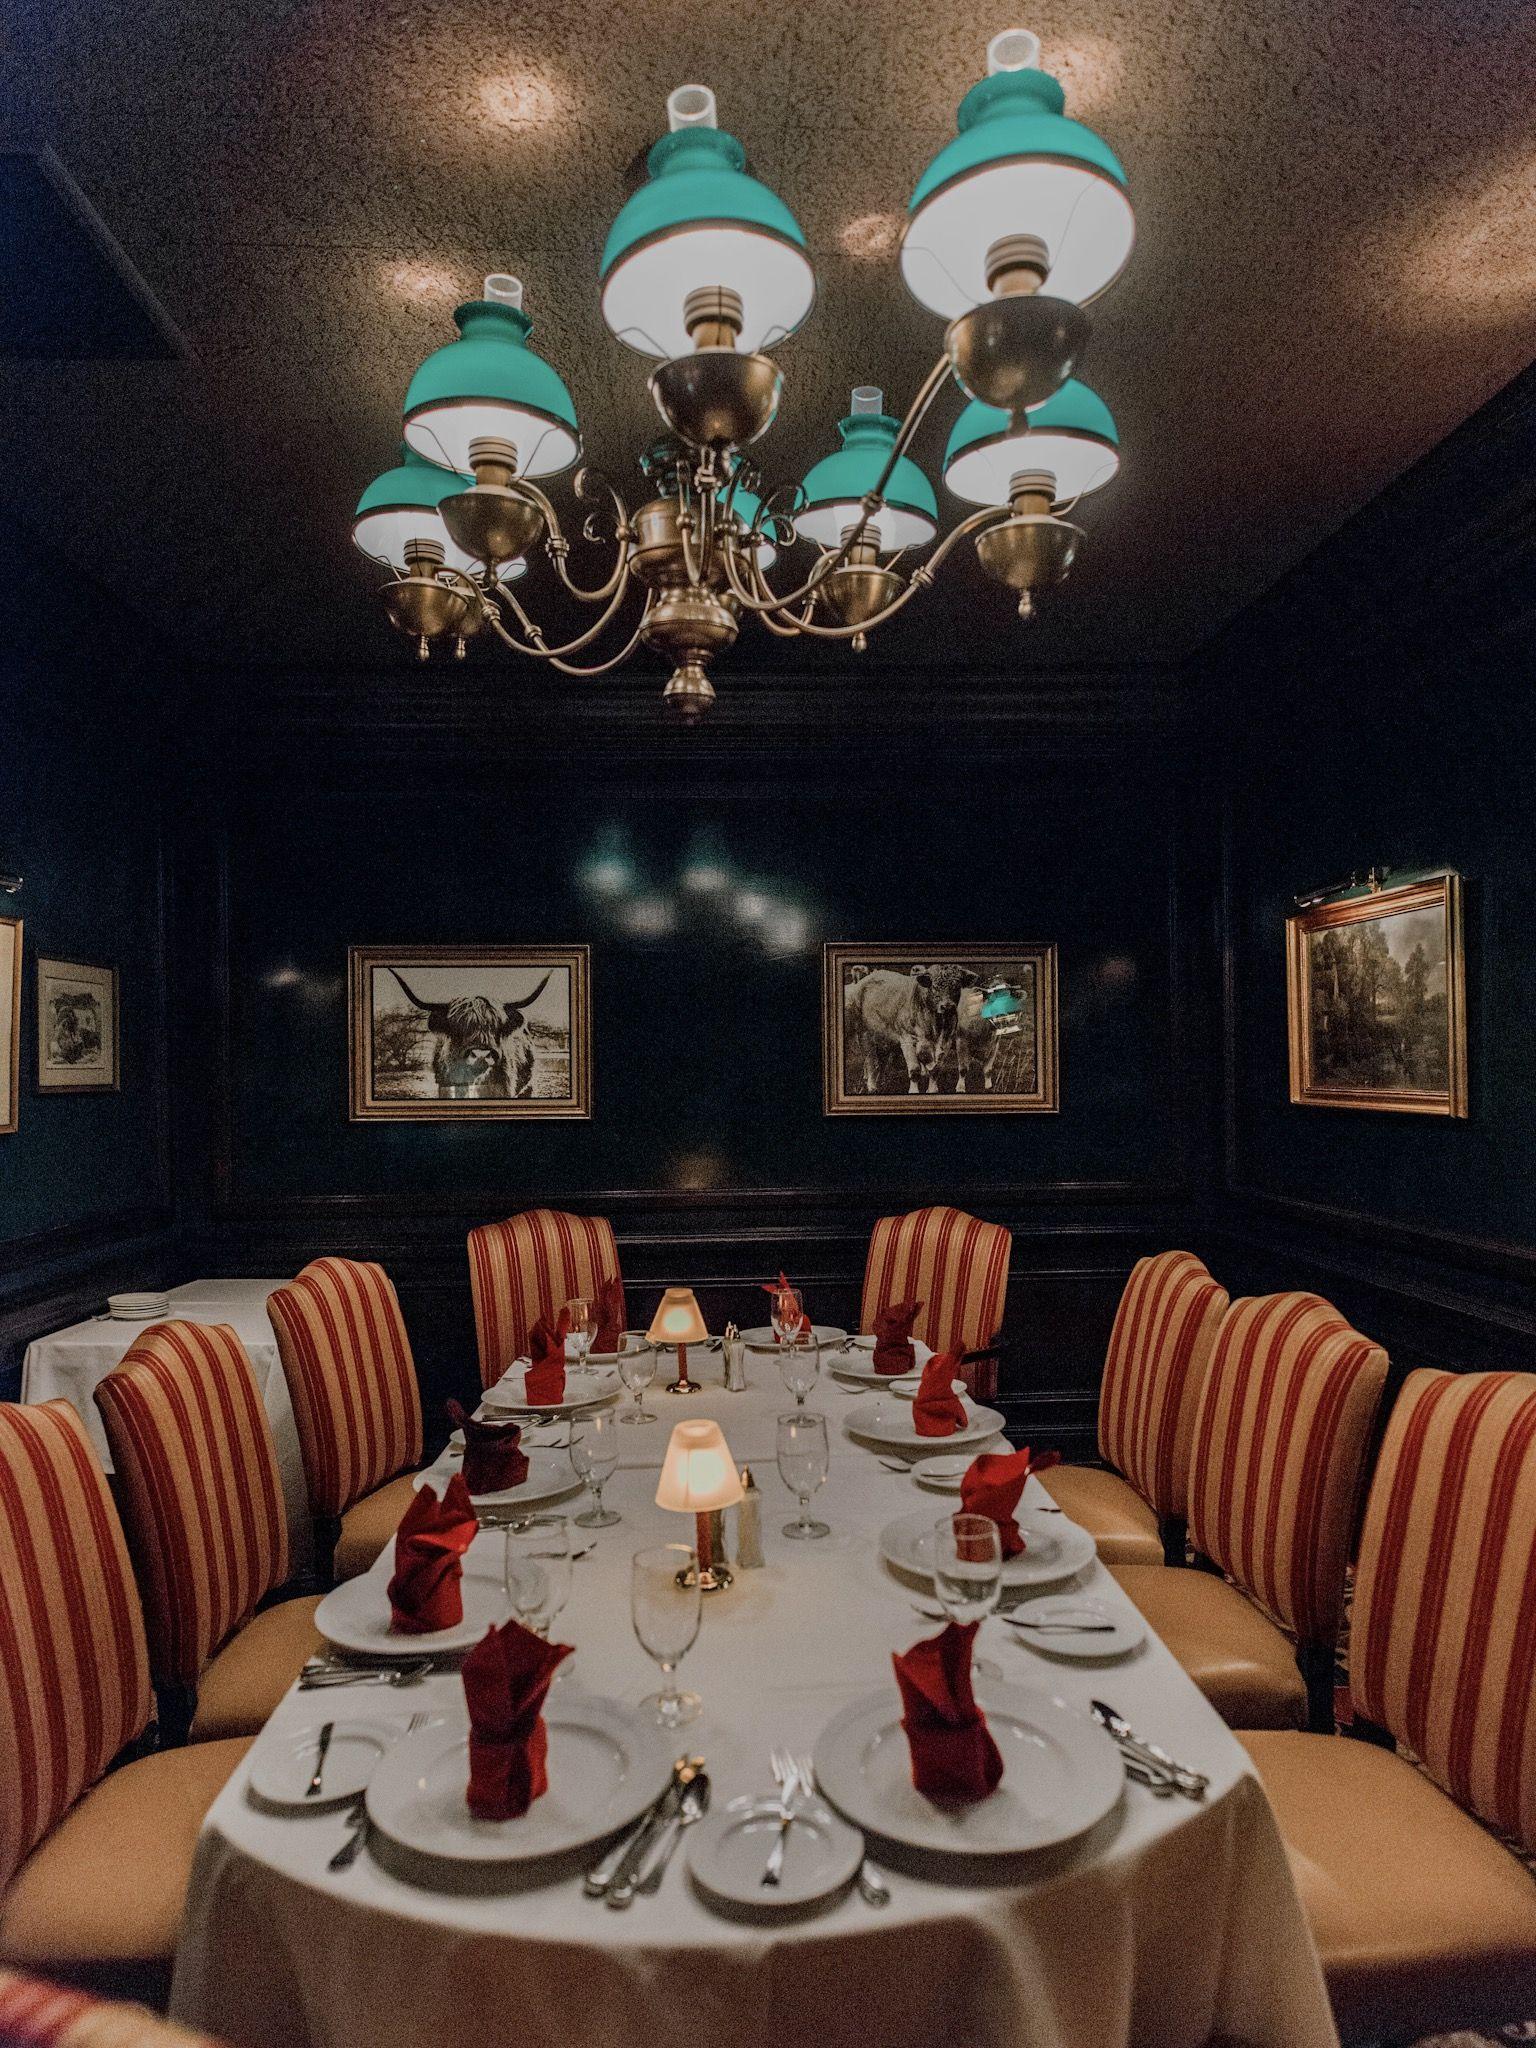 Best Dinner In Las Vegas The Steak House Ivana Jorgensen Best Steakhouse Steakhouse Houses In Vegas